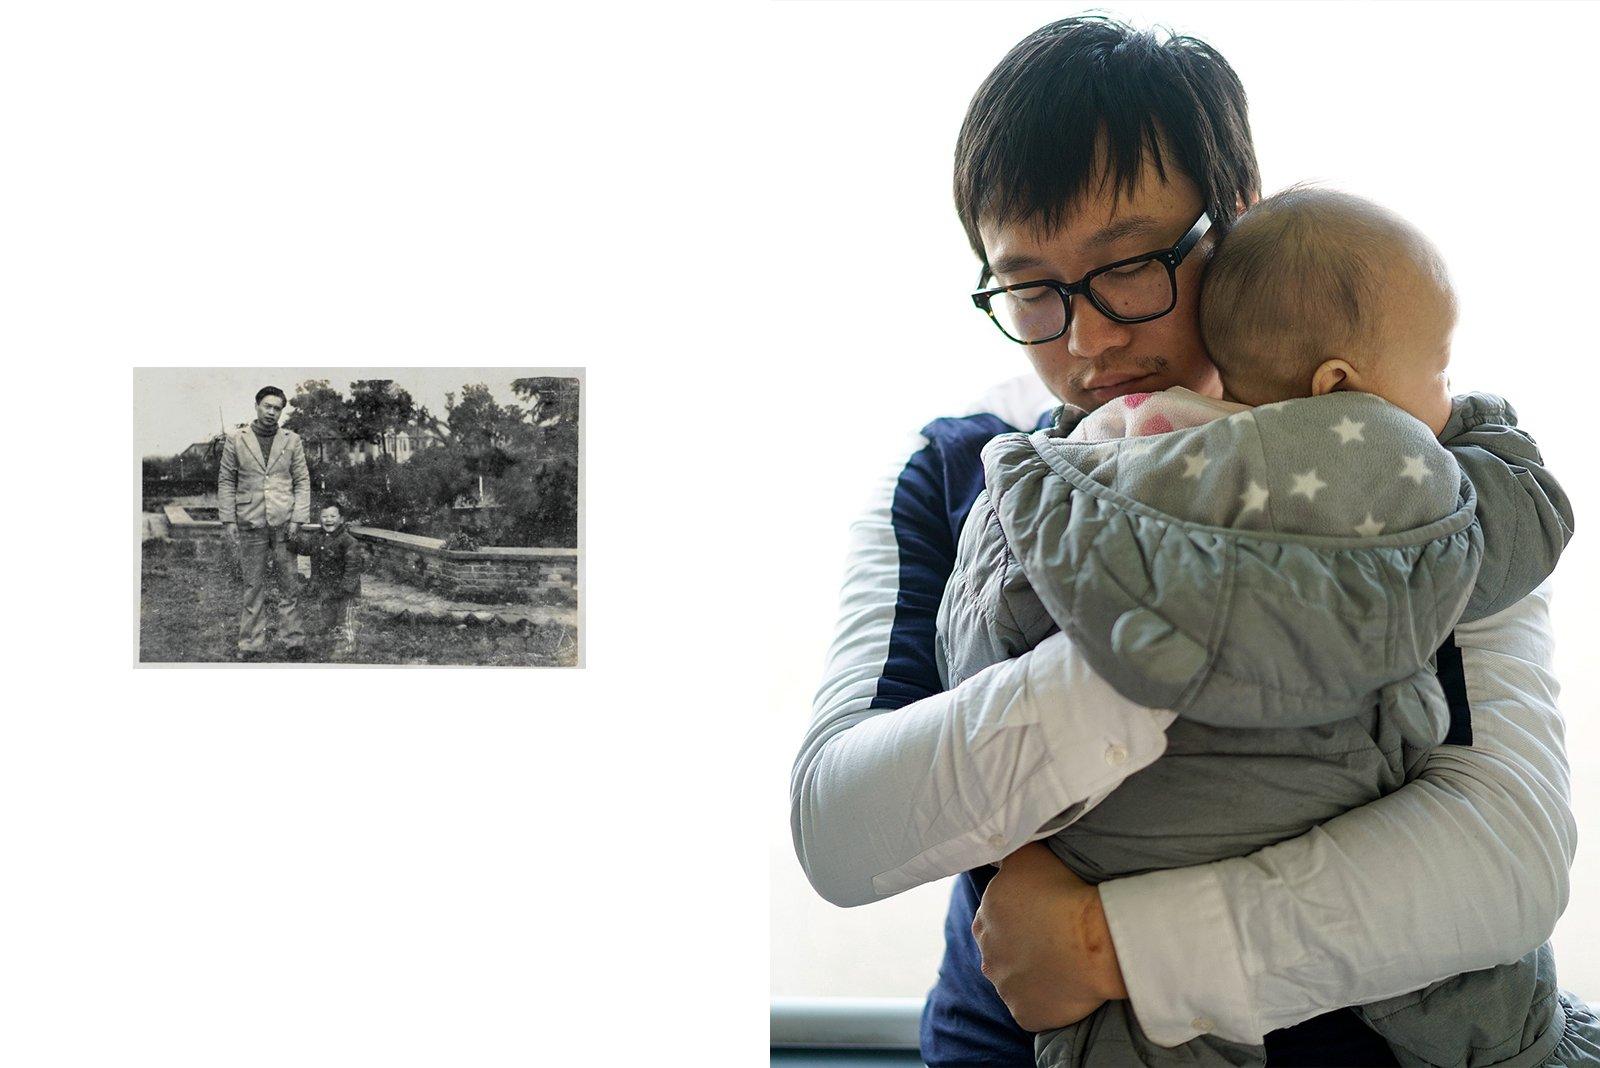 父亲走后一年,老婆给家里添了个女娃。那天晚上我一直在想,如果父亲在该有多好。这是他生前唯一的遗憾。当我抱着娃娃,突然明白了作为一个父亲的责任和压力。